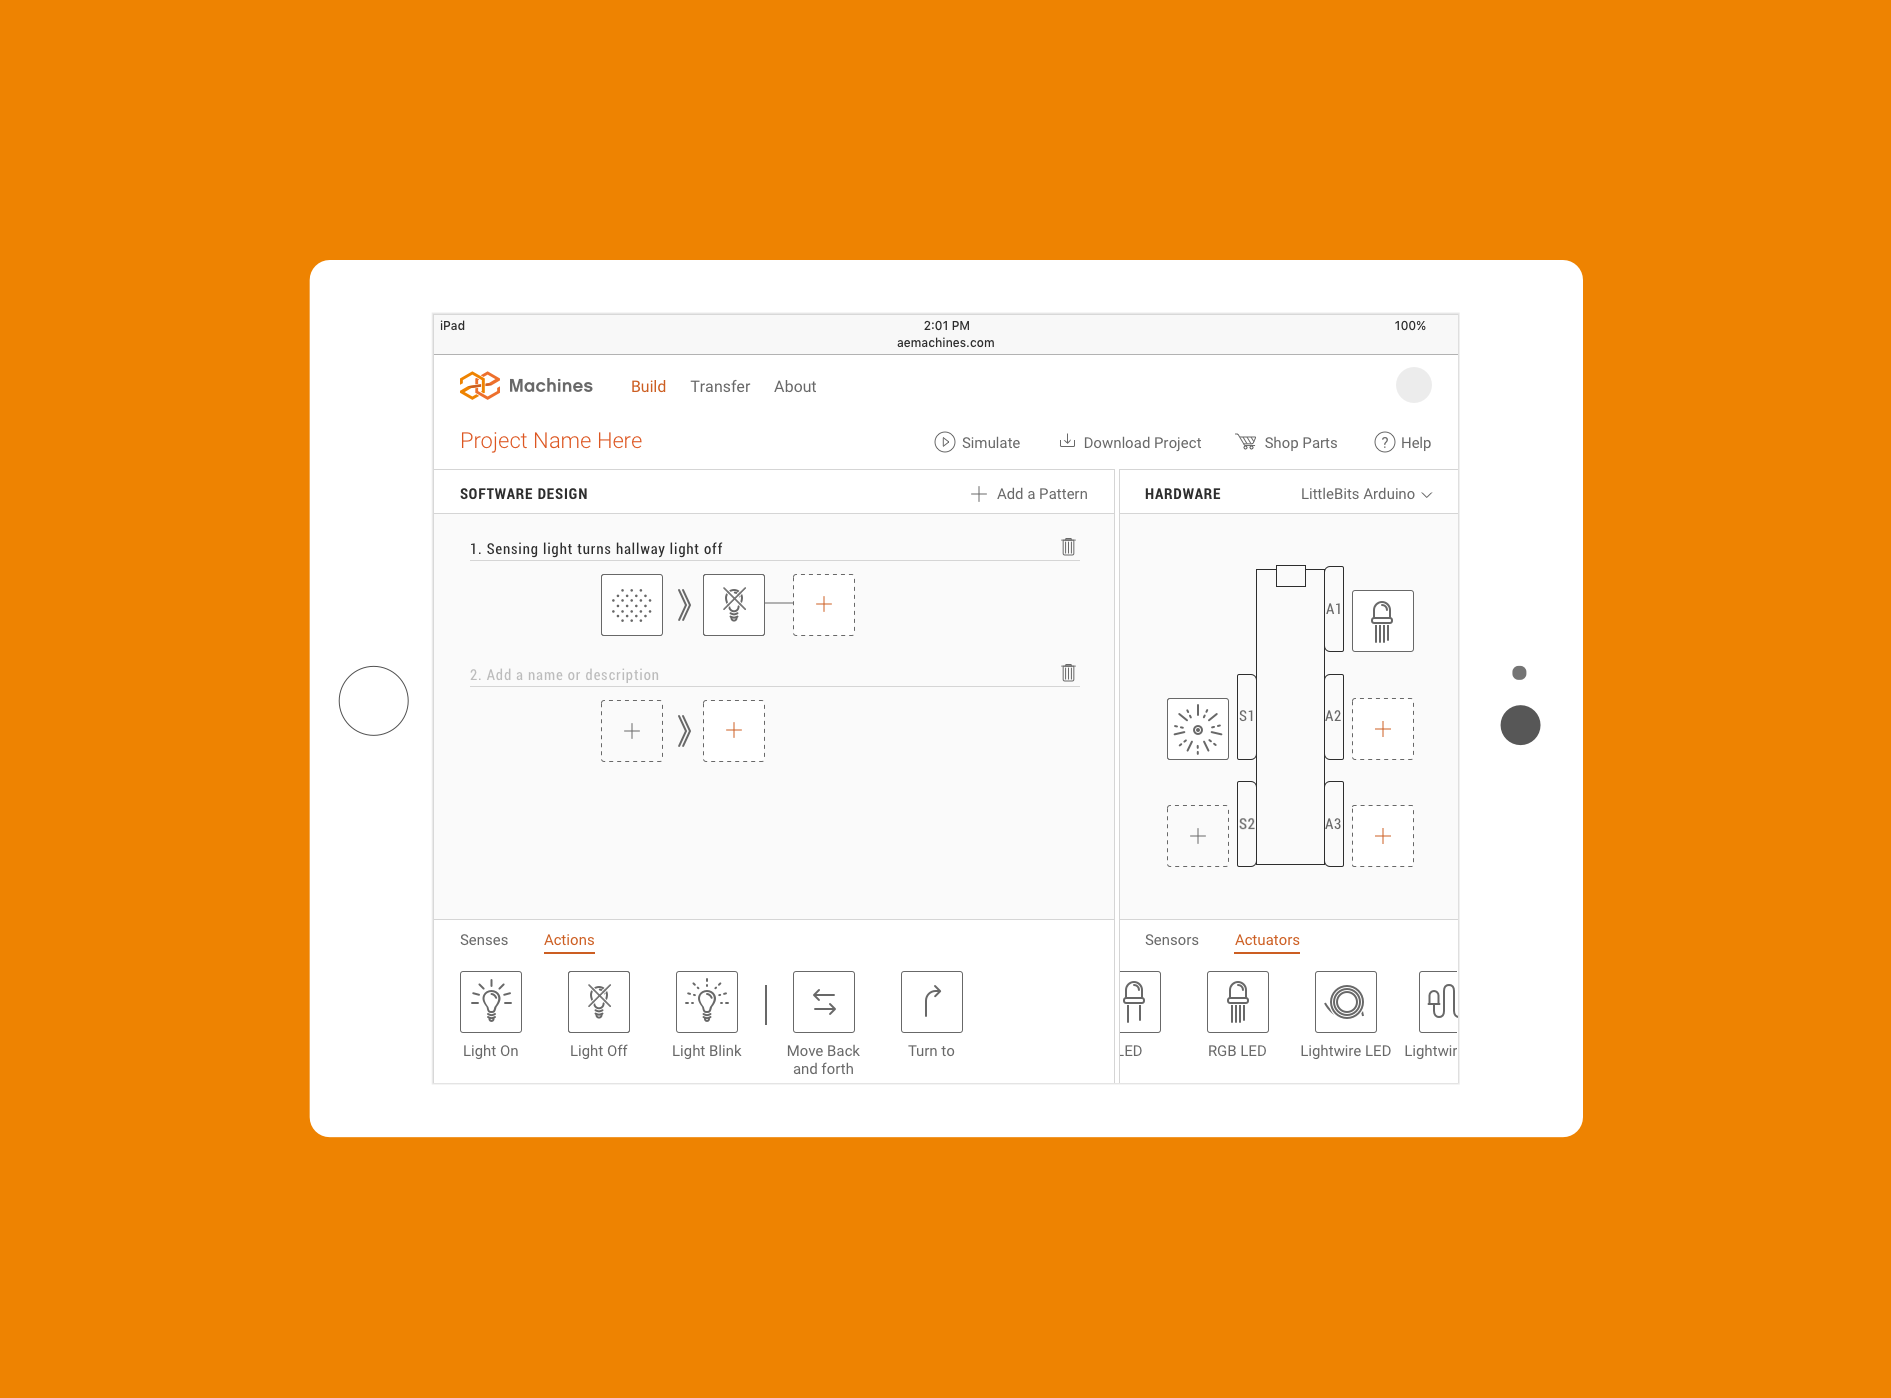 Responsive design - tablet size version